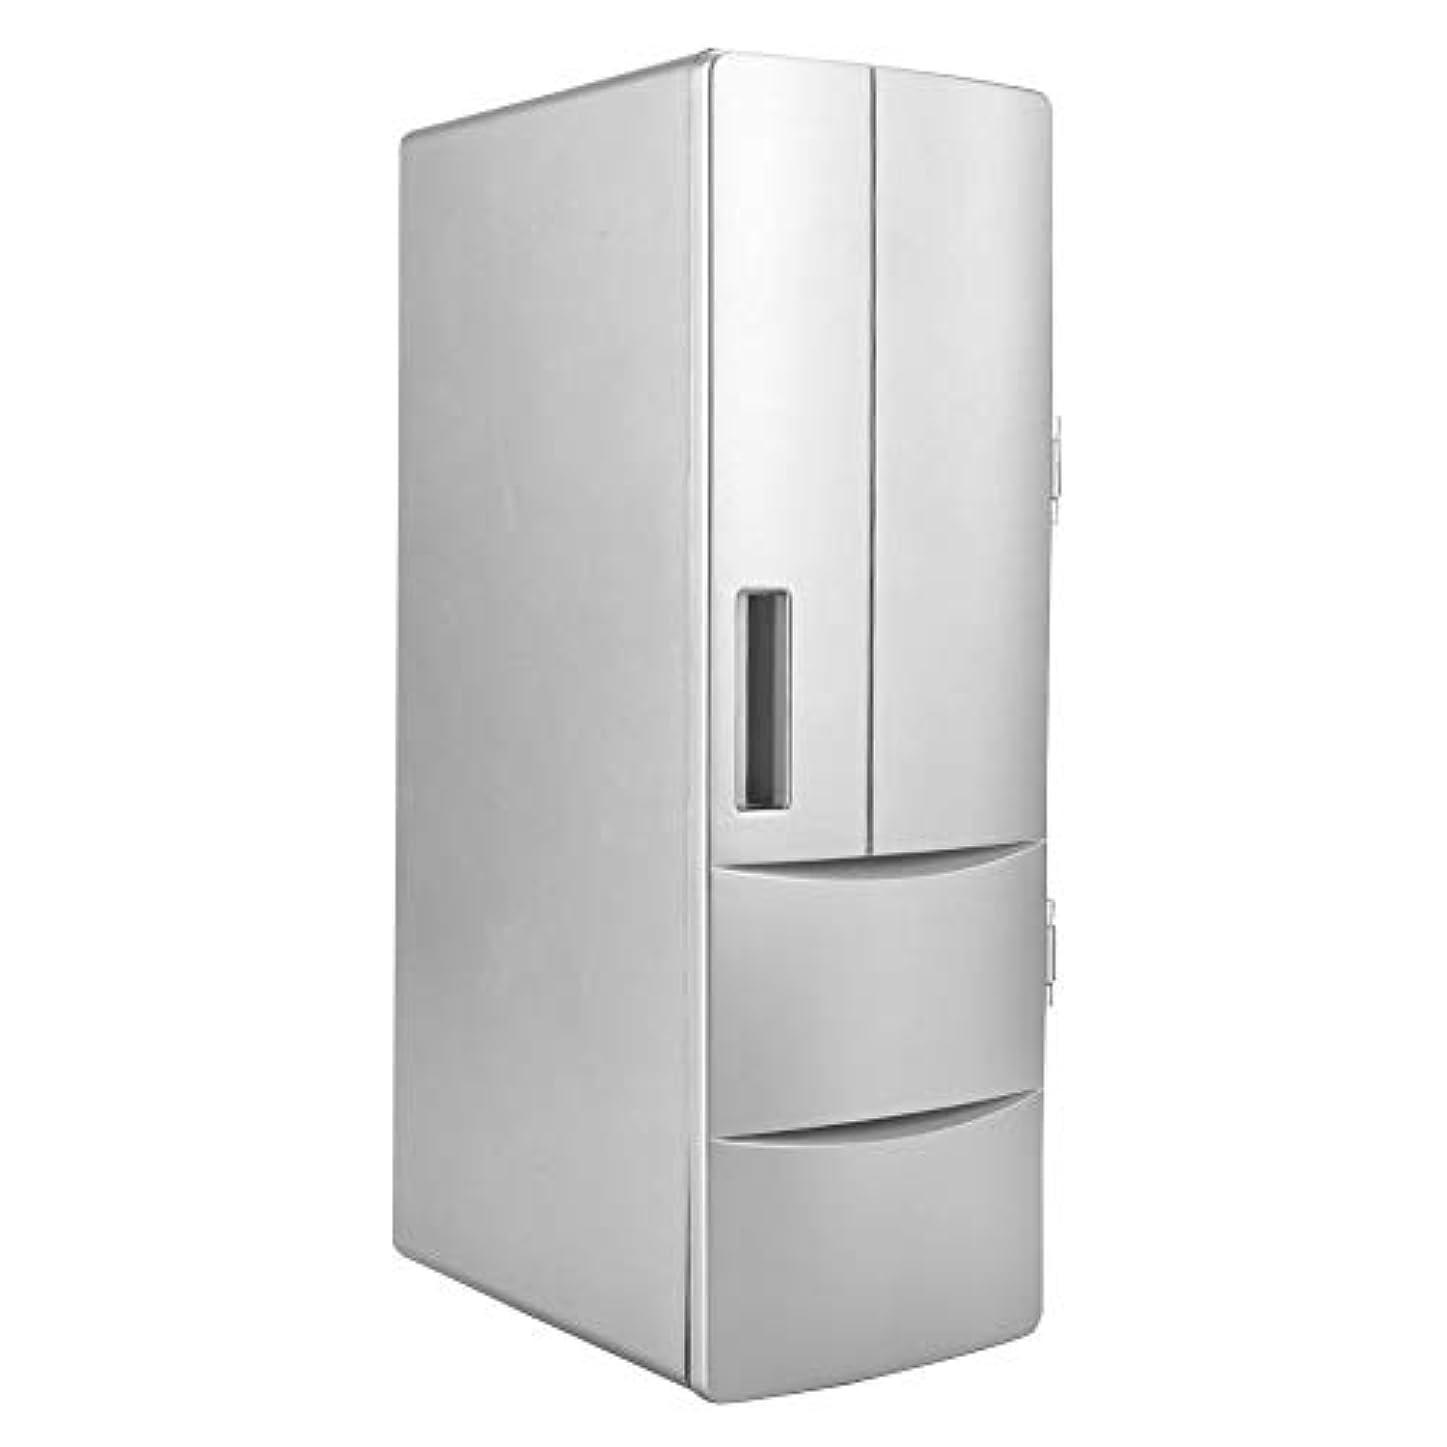 作詞家許される有料急速冷却USB Fridegポータブルミニ冷蔵庫冷凍庫、小型冷蔵庫冷凍庫、家庭用またはオフィスボート用の車